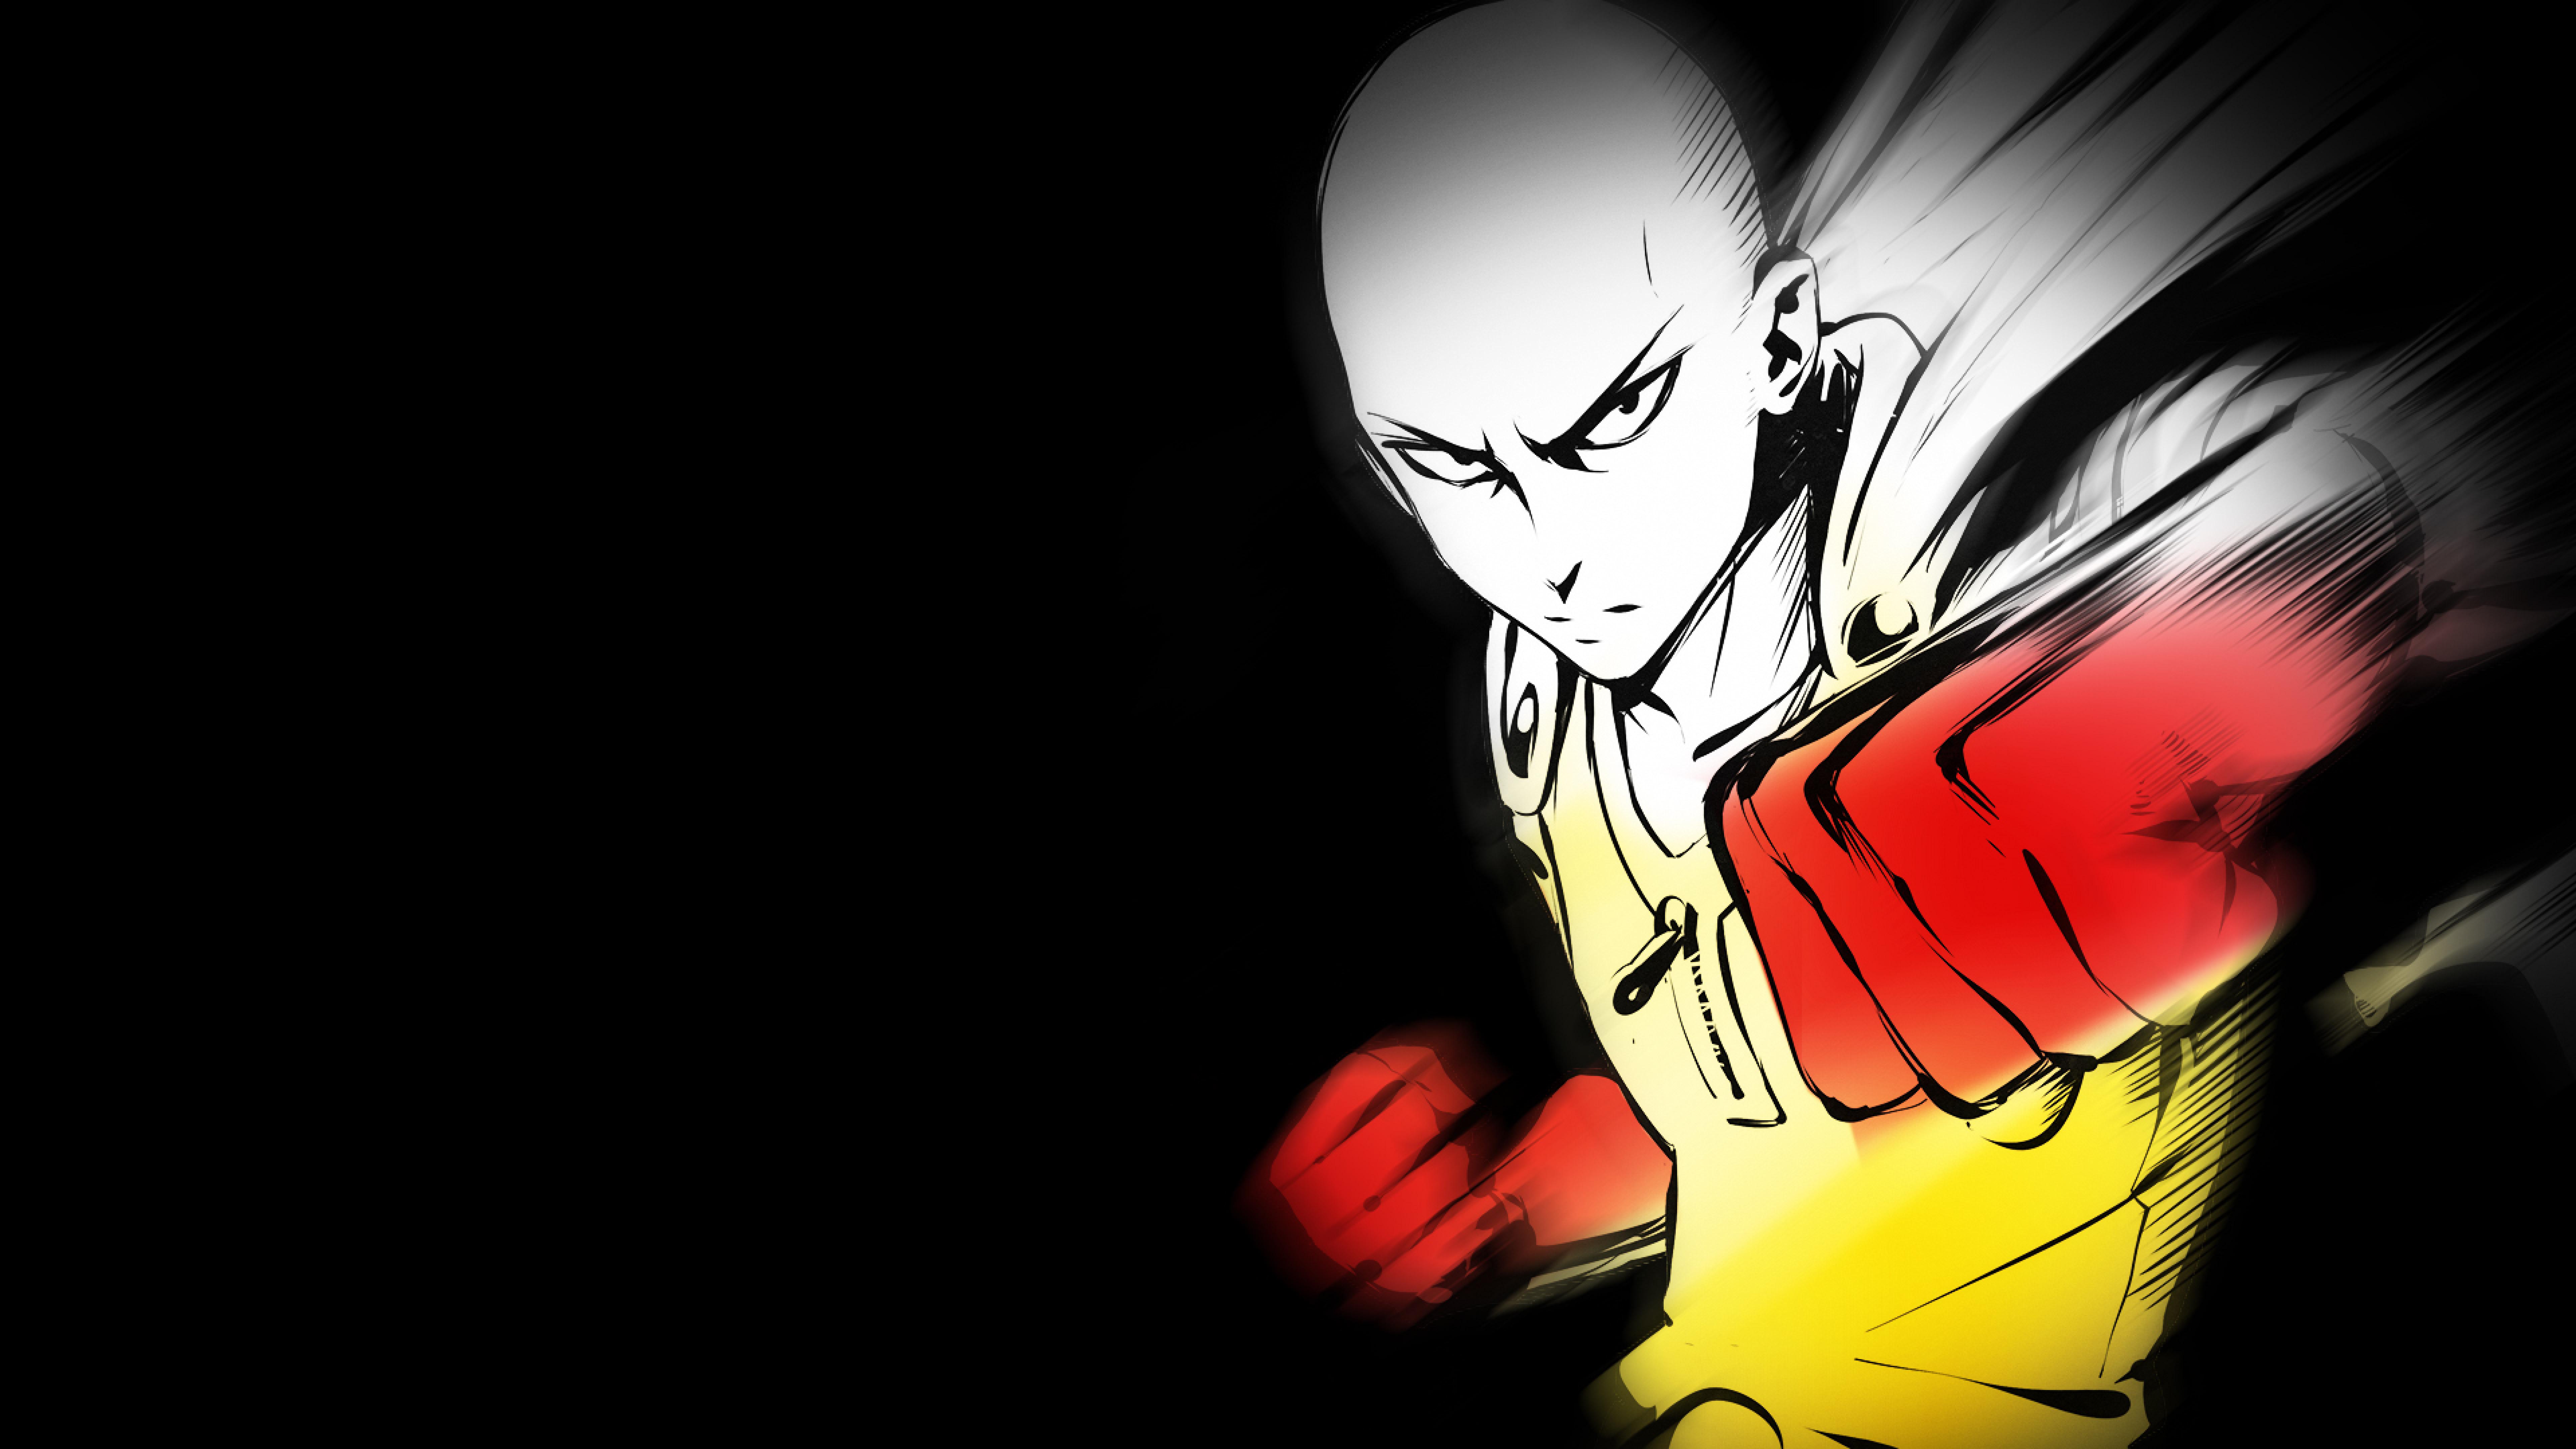 Saitama Images Hd - One-punch Man Saitama, Full HD Wallpaper